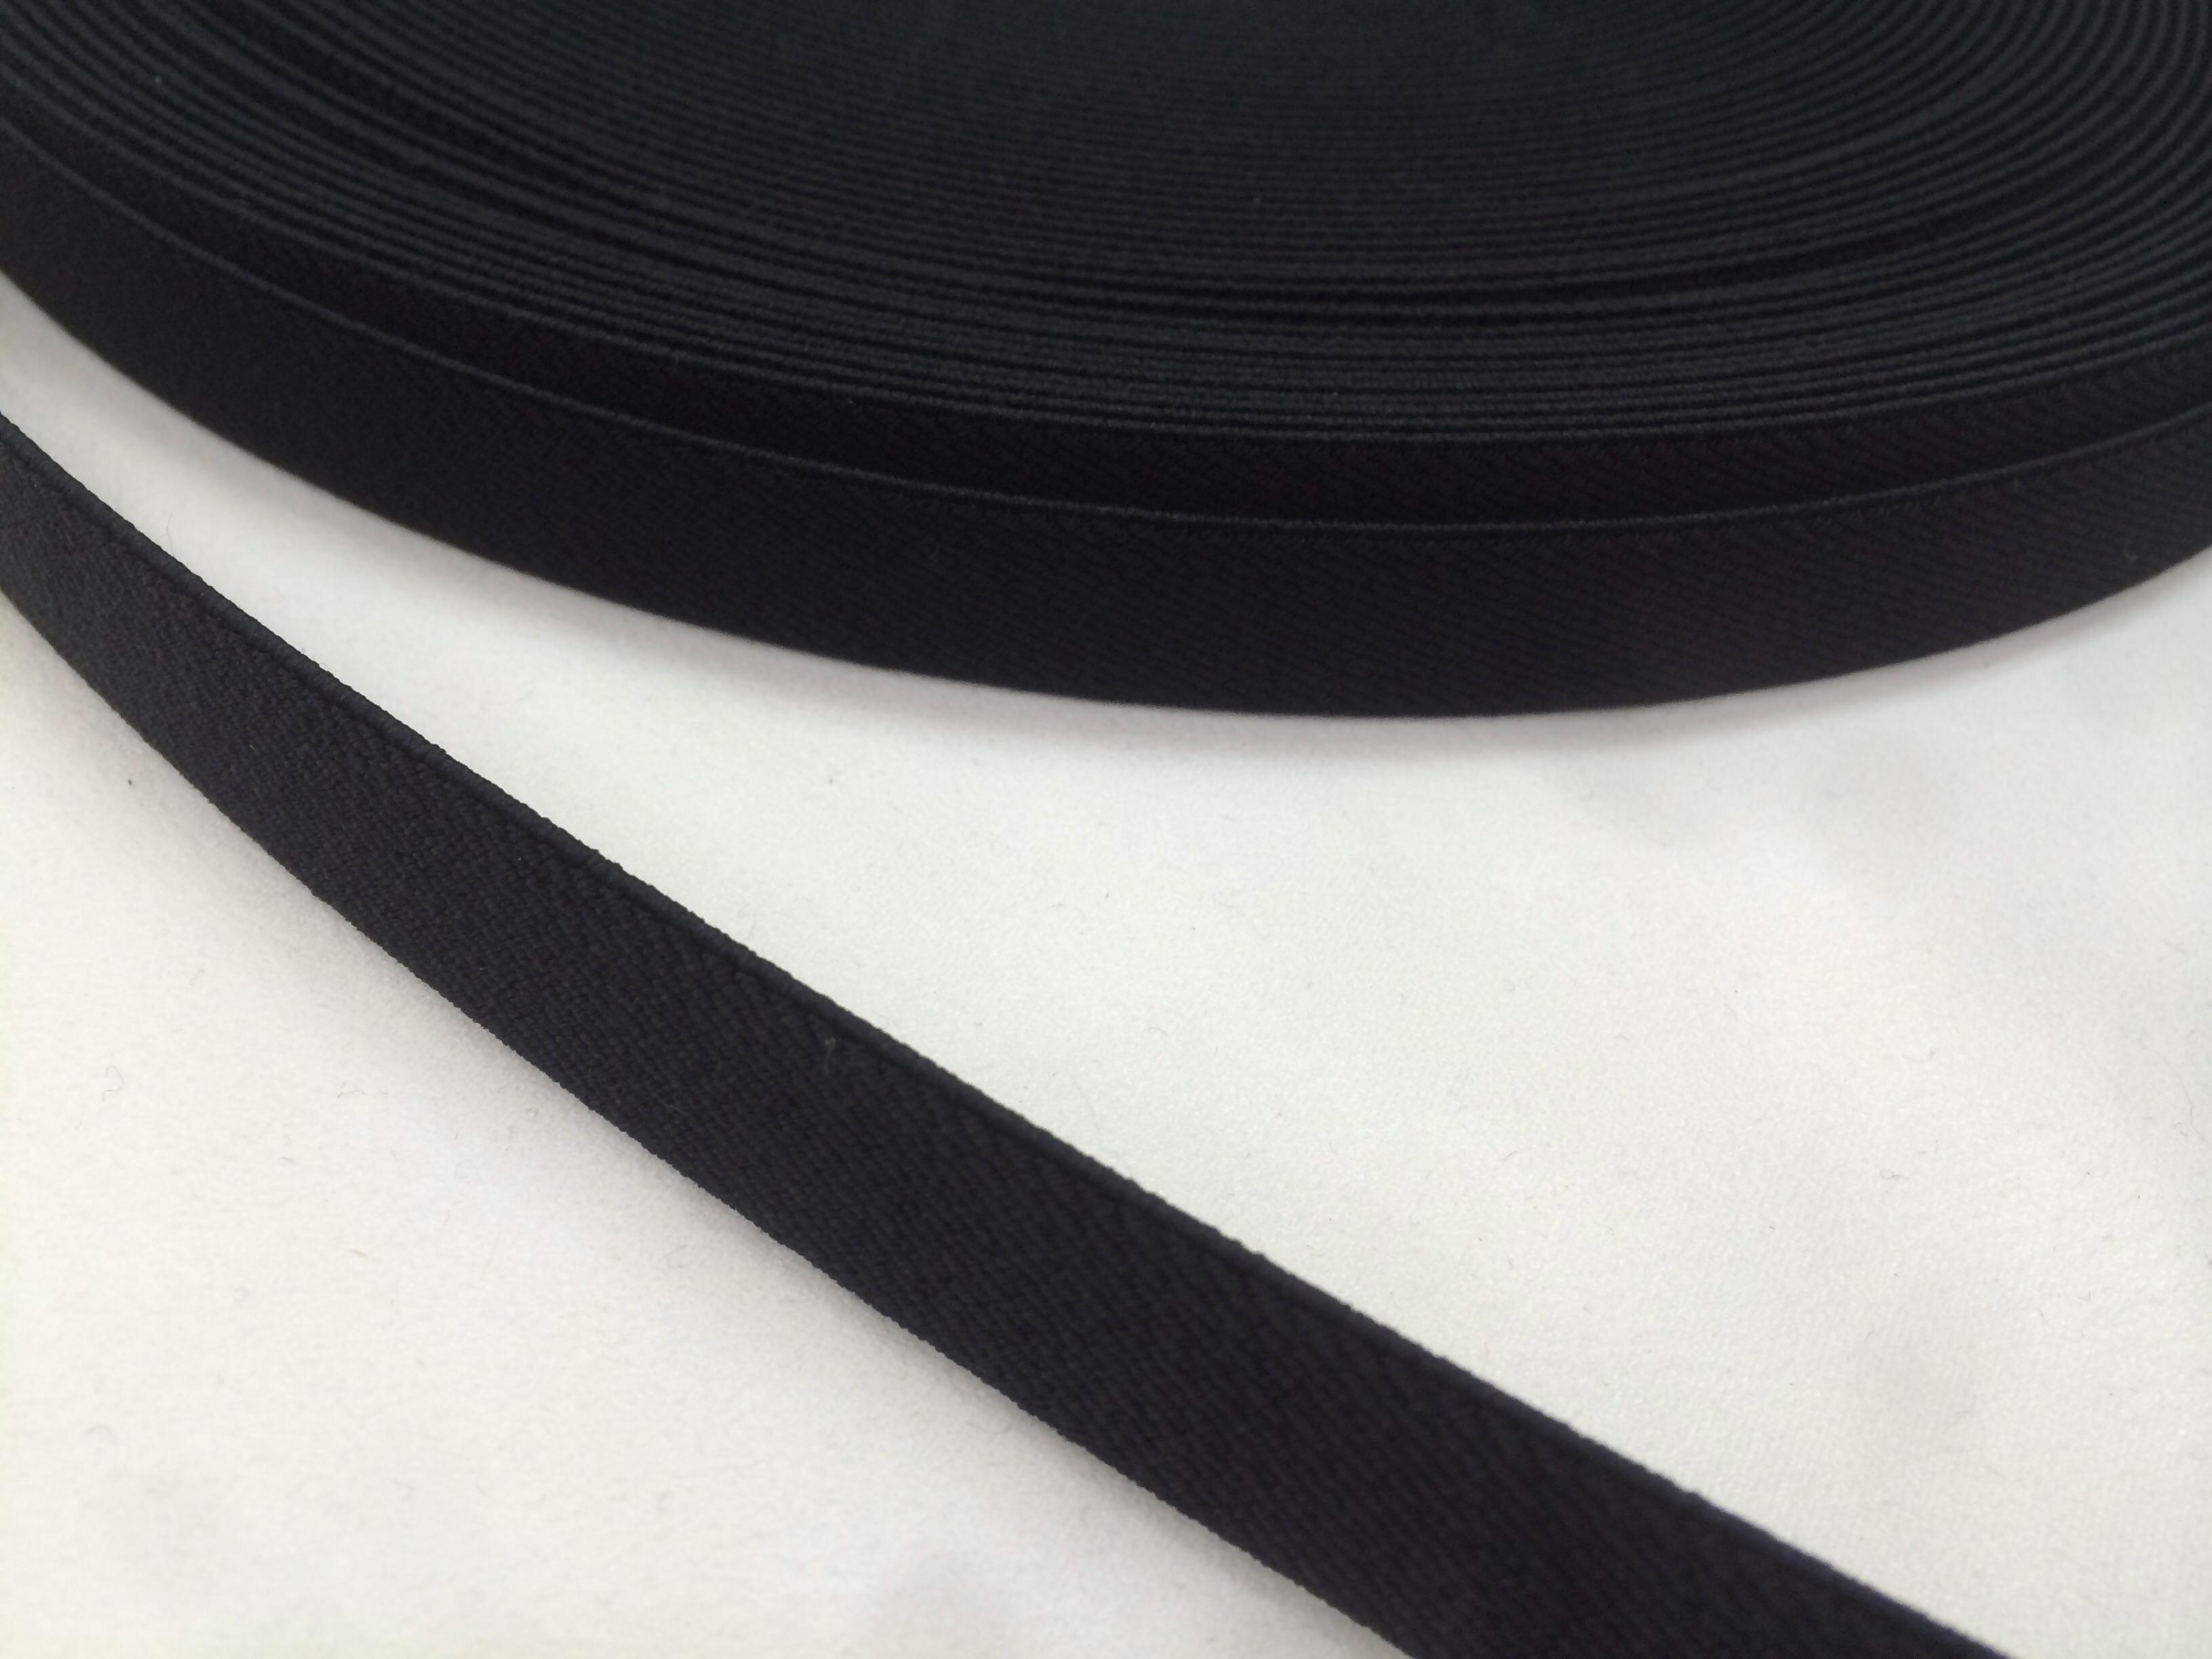 ゴムテープ 15mm幅 黒 ウーリータイプ  5mカット